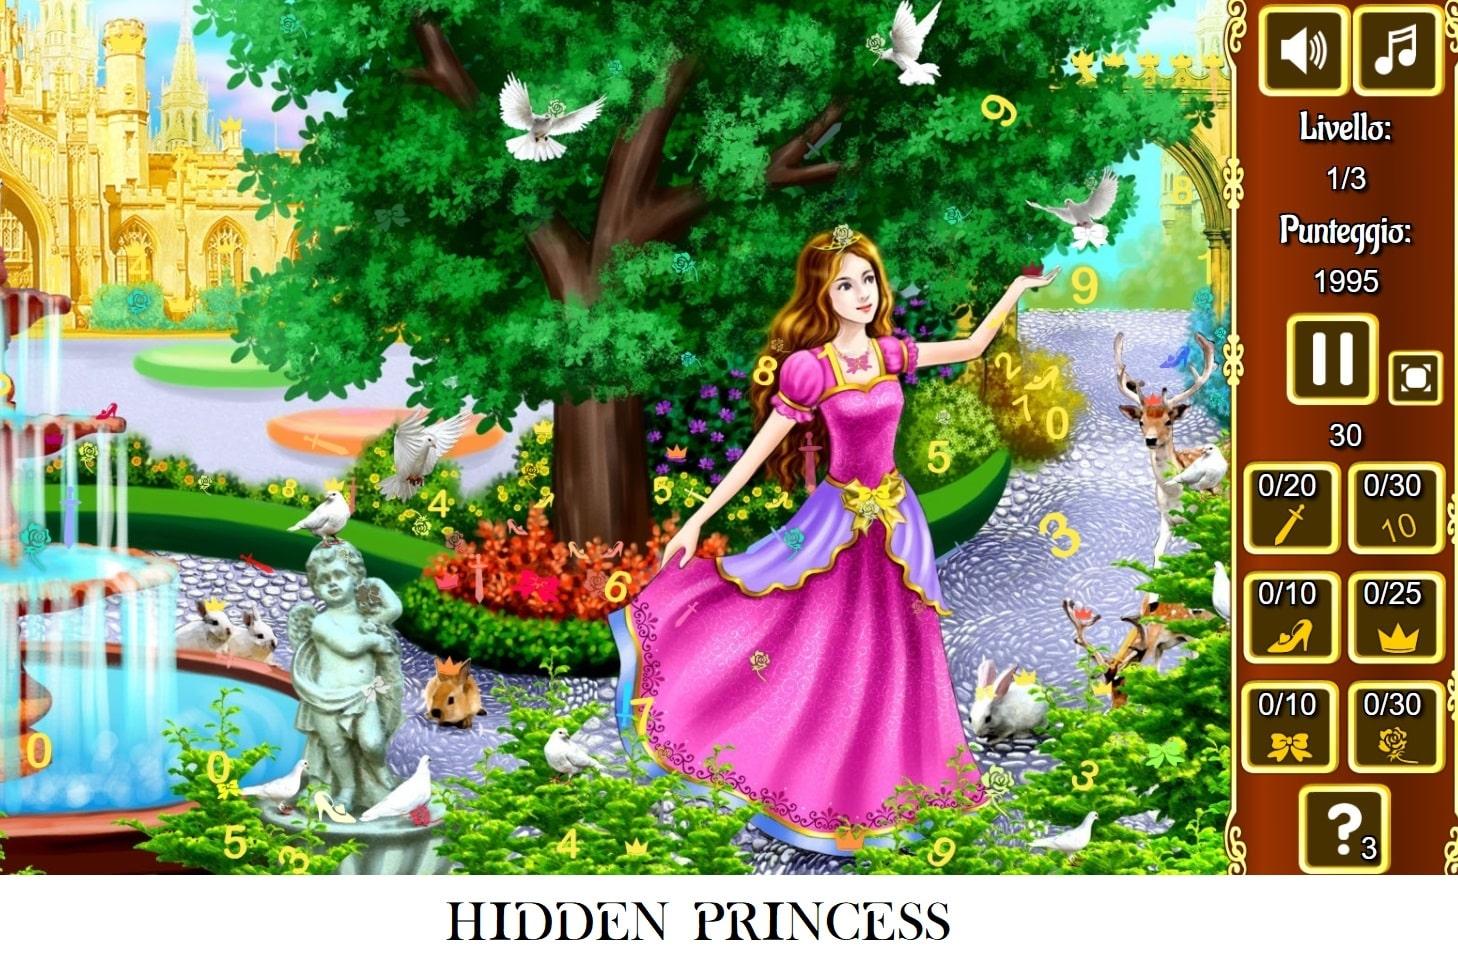 gioco online hidden princess